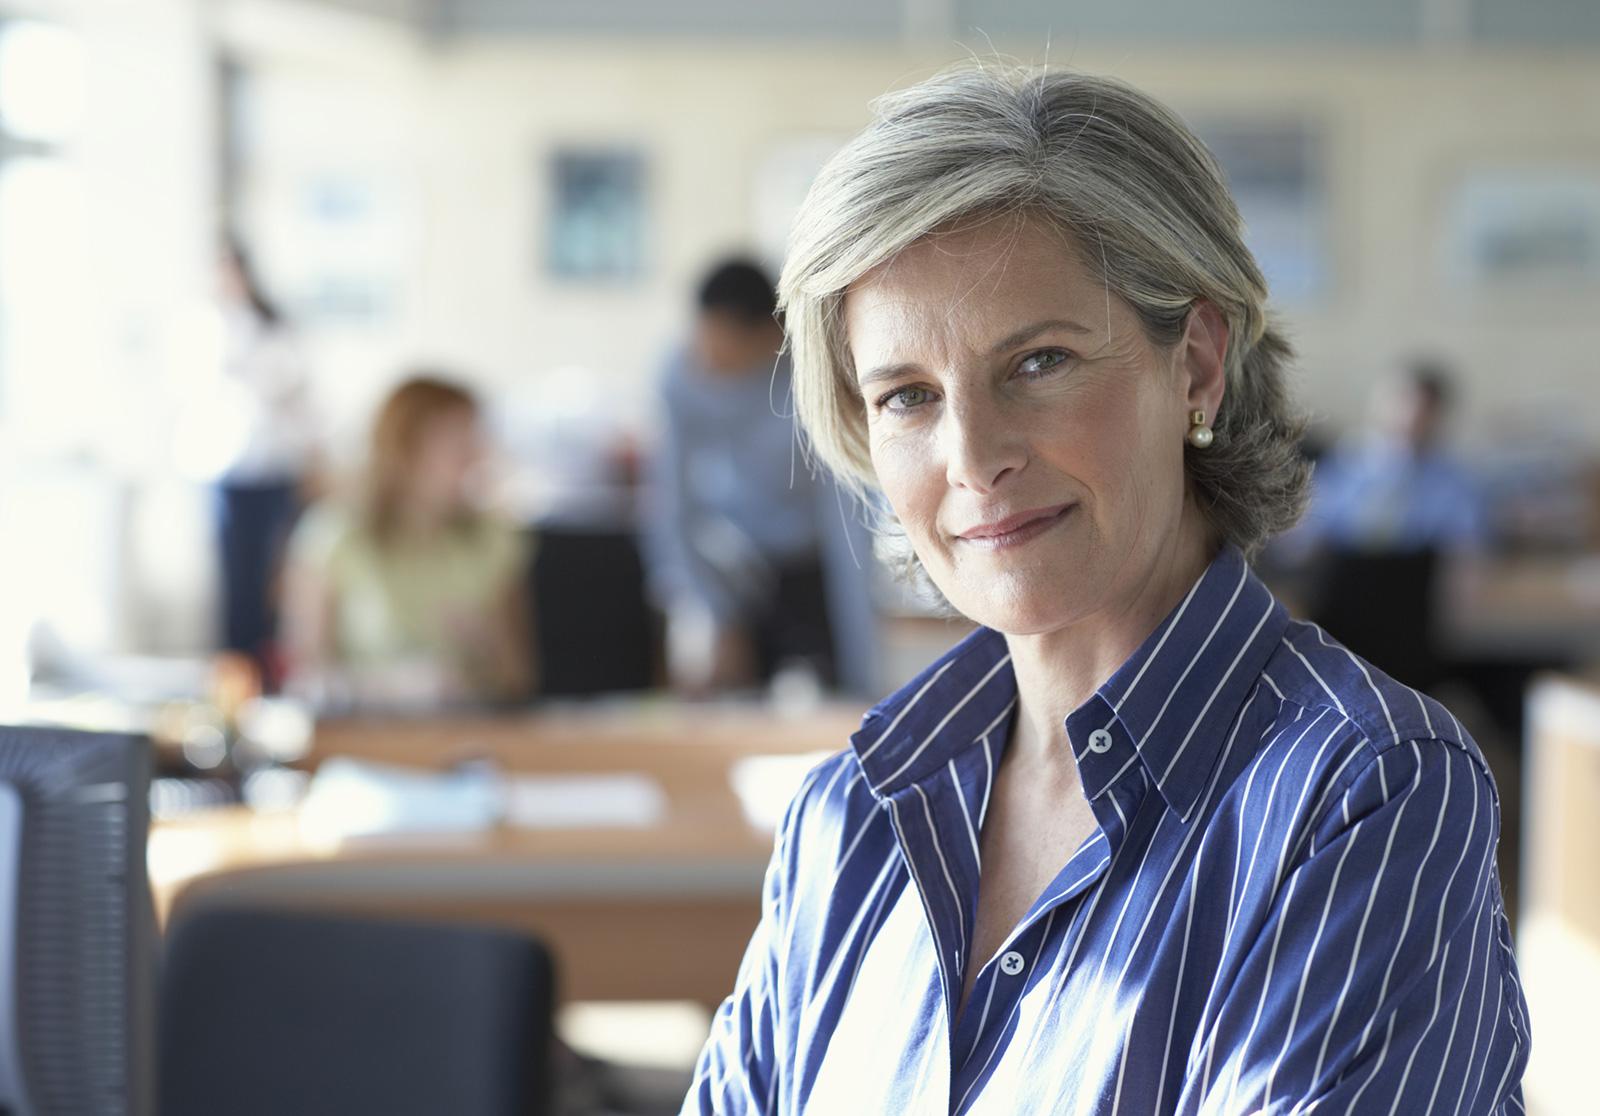 L'assurance vie : une bonne affaire pour la retraite – Vendredi, 31 Octobre 2014